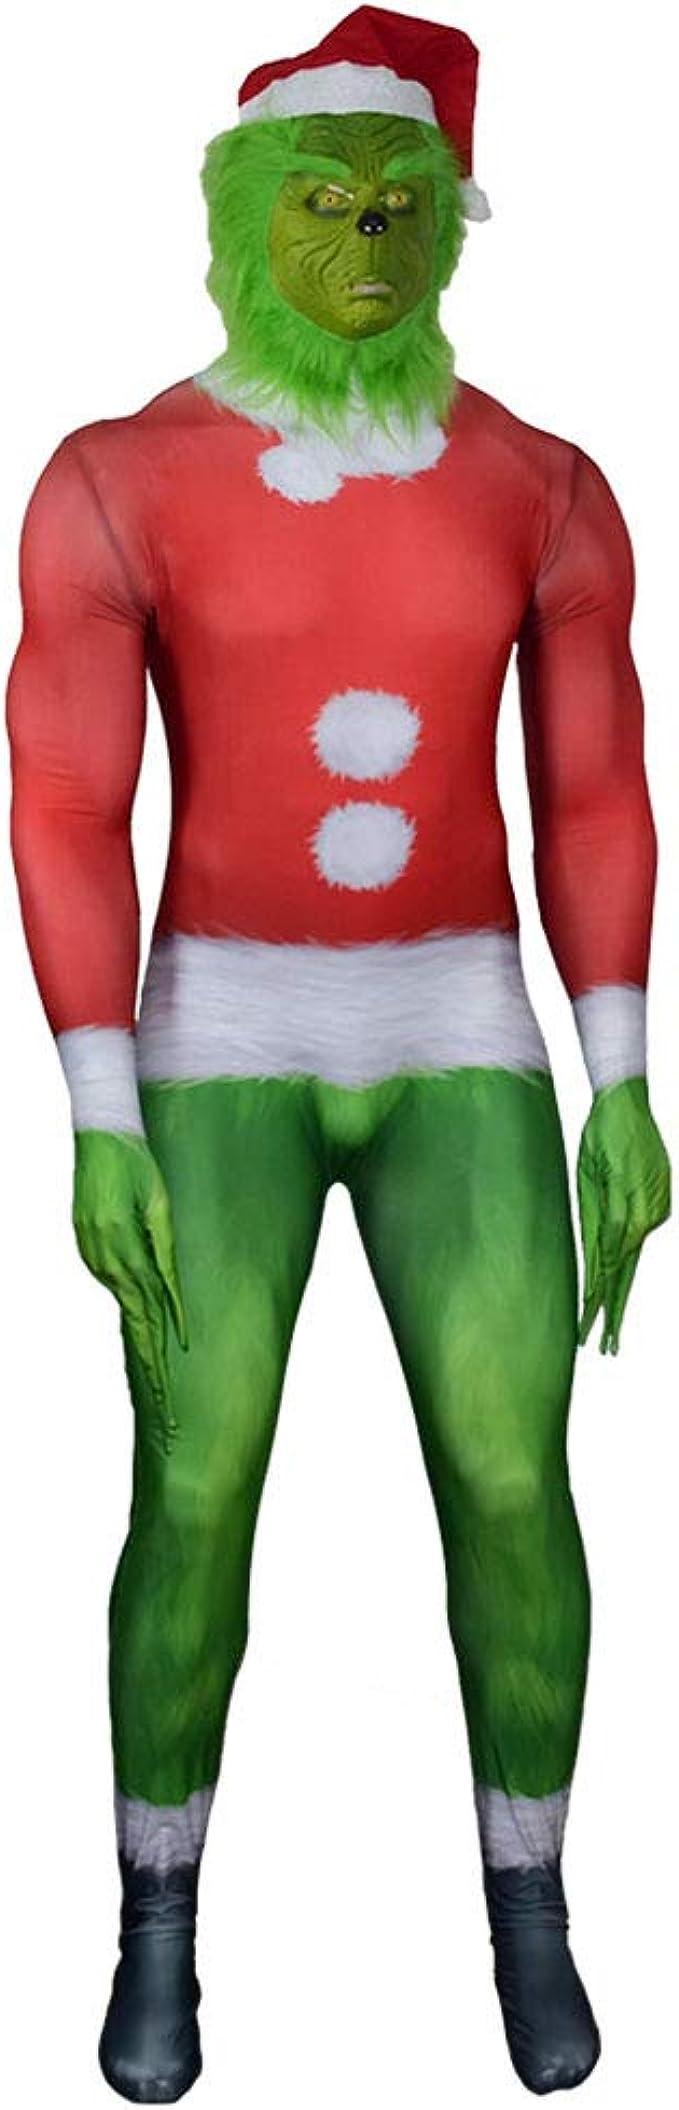 OkanemoT Disfraz de Grinch de Navidad Cosplay Máscara de Monstruo ...